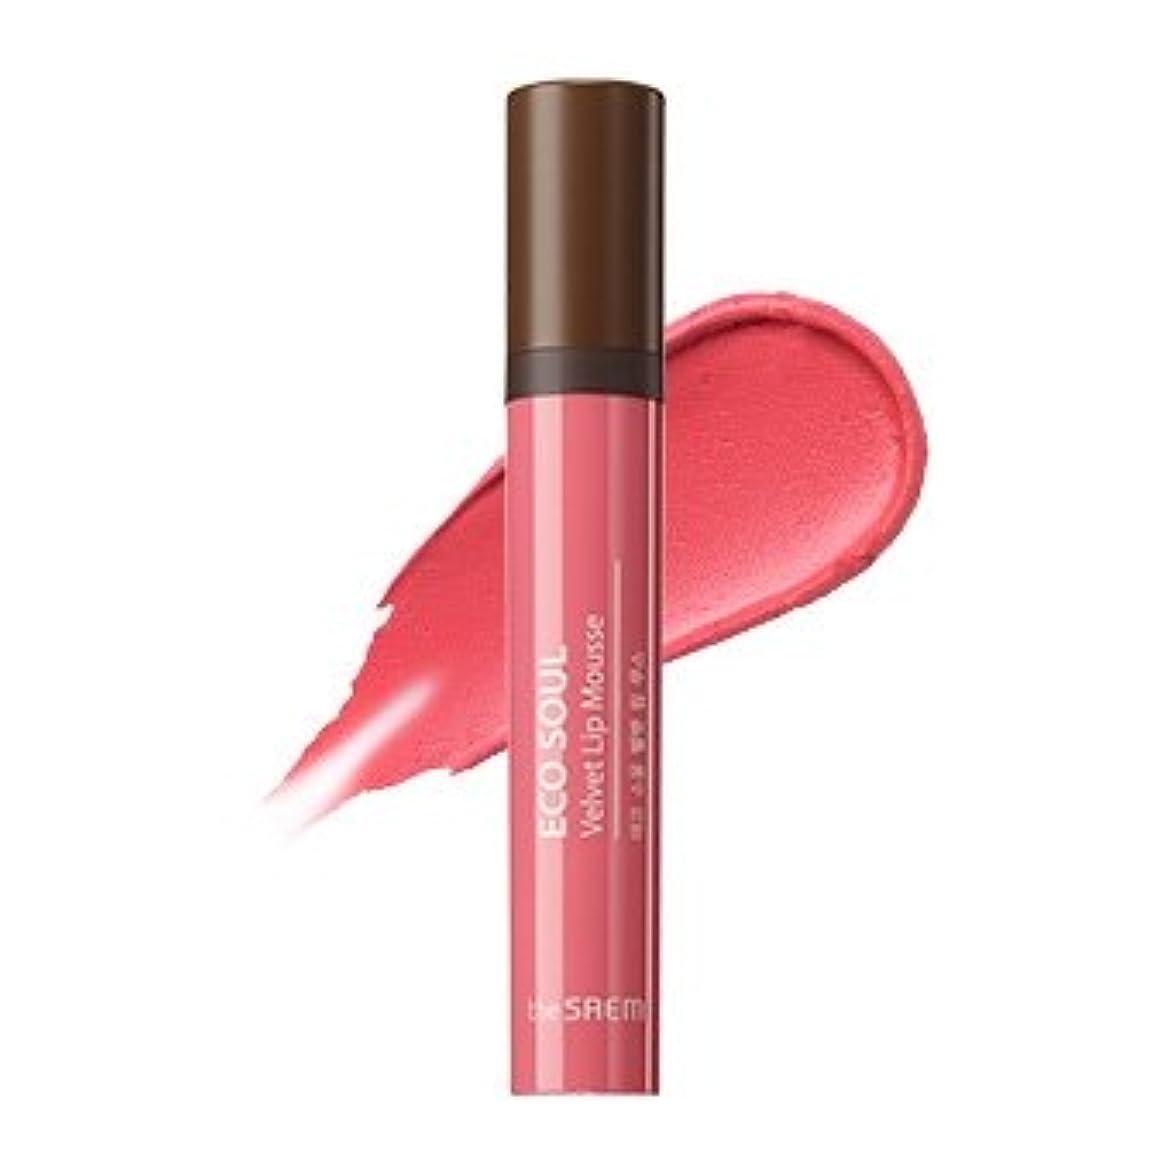 近代化栄光逆説the SAEM Eco Soul Velvet Lip Mousse 5.5g/ザセム エコ ソウル ベルベット リップ ムース 5.5g (#CR01 Bless You) [並行輸入品]